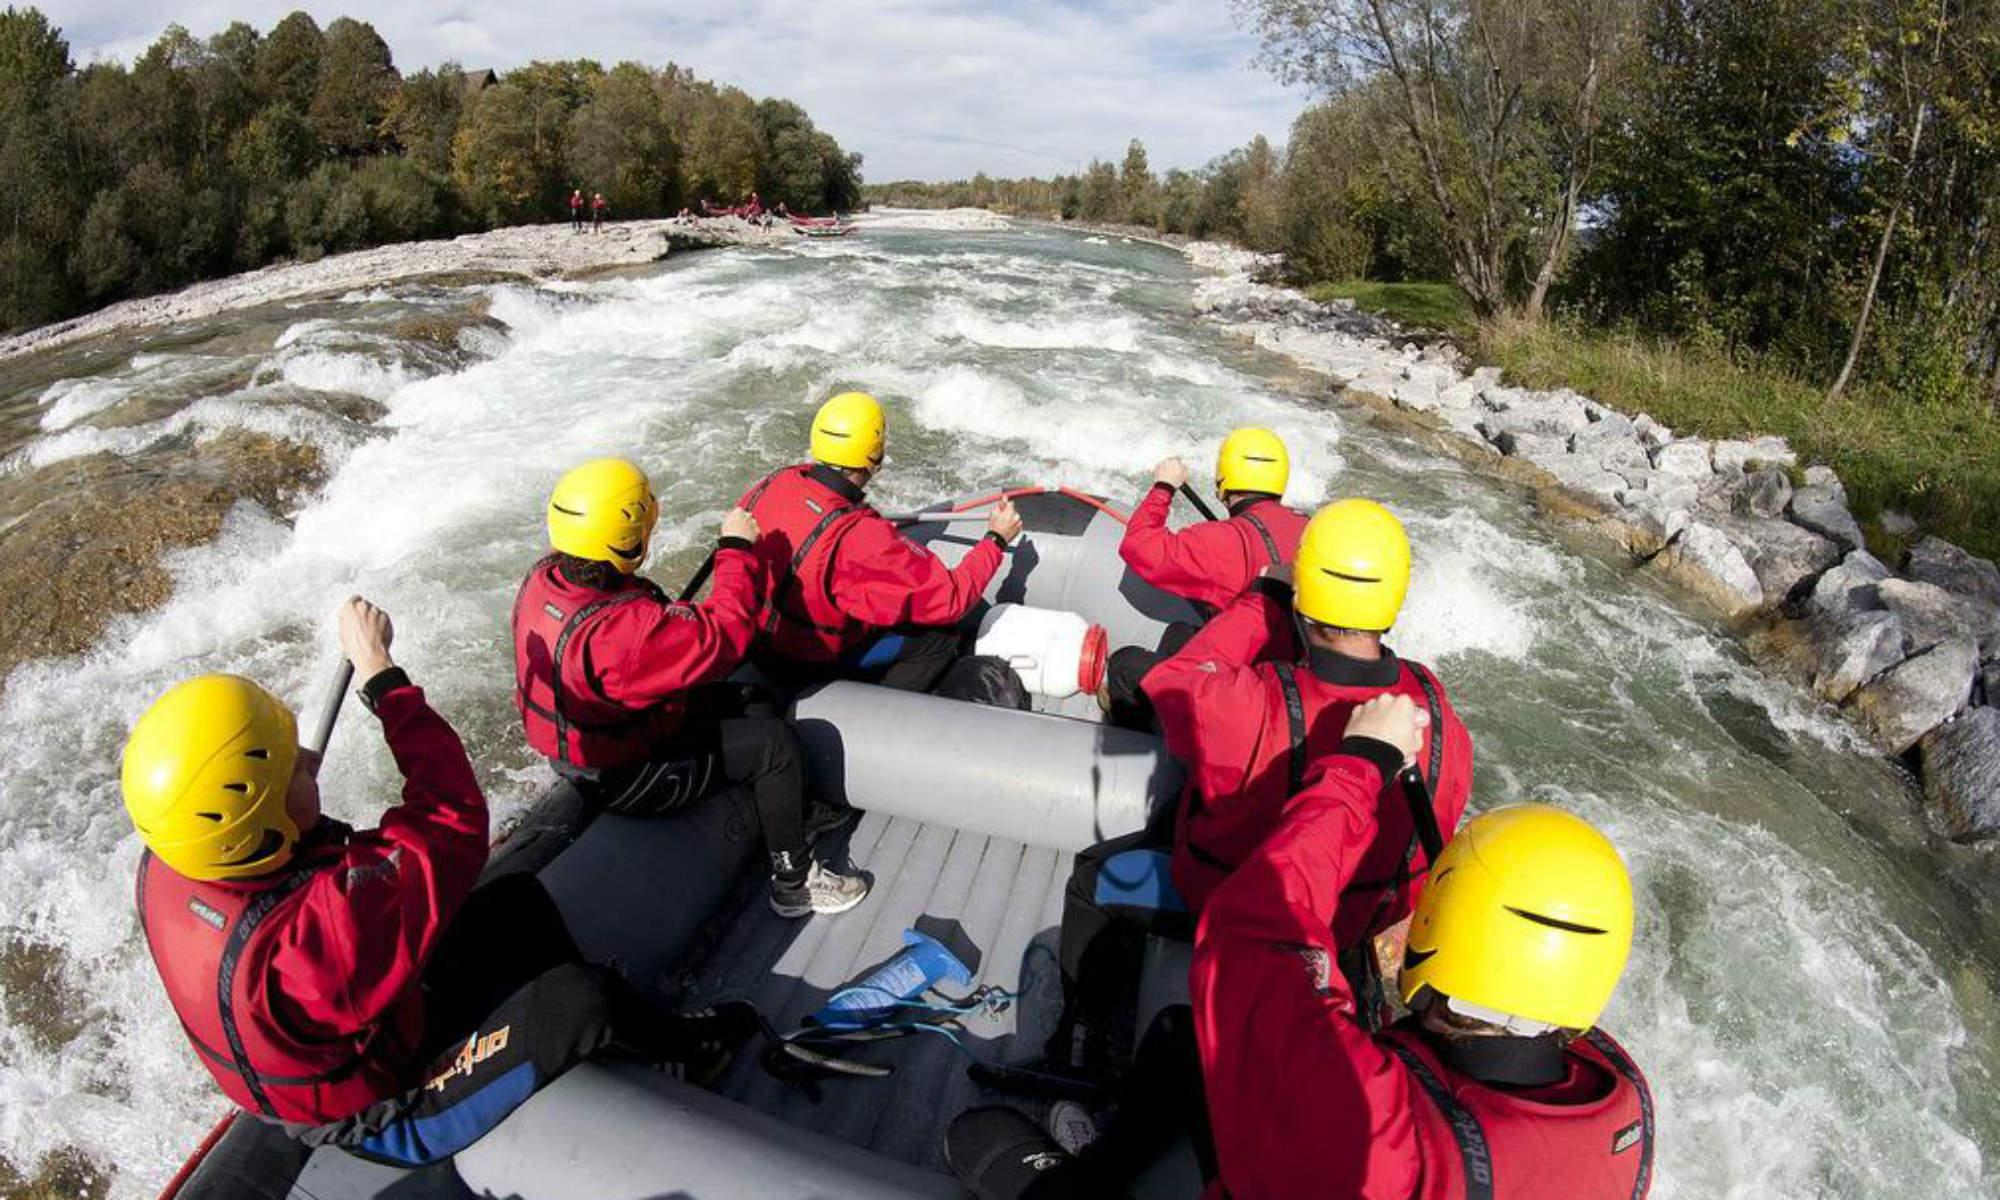 Eine rasante Fahrt auf dem Schlauchboot beim Rafting in Bayern.